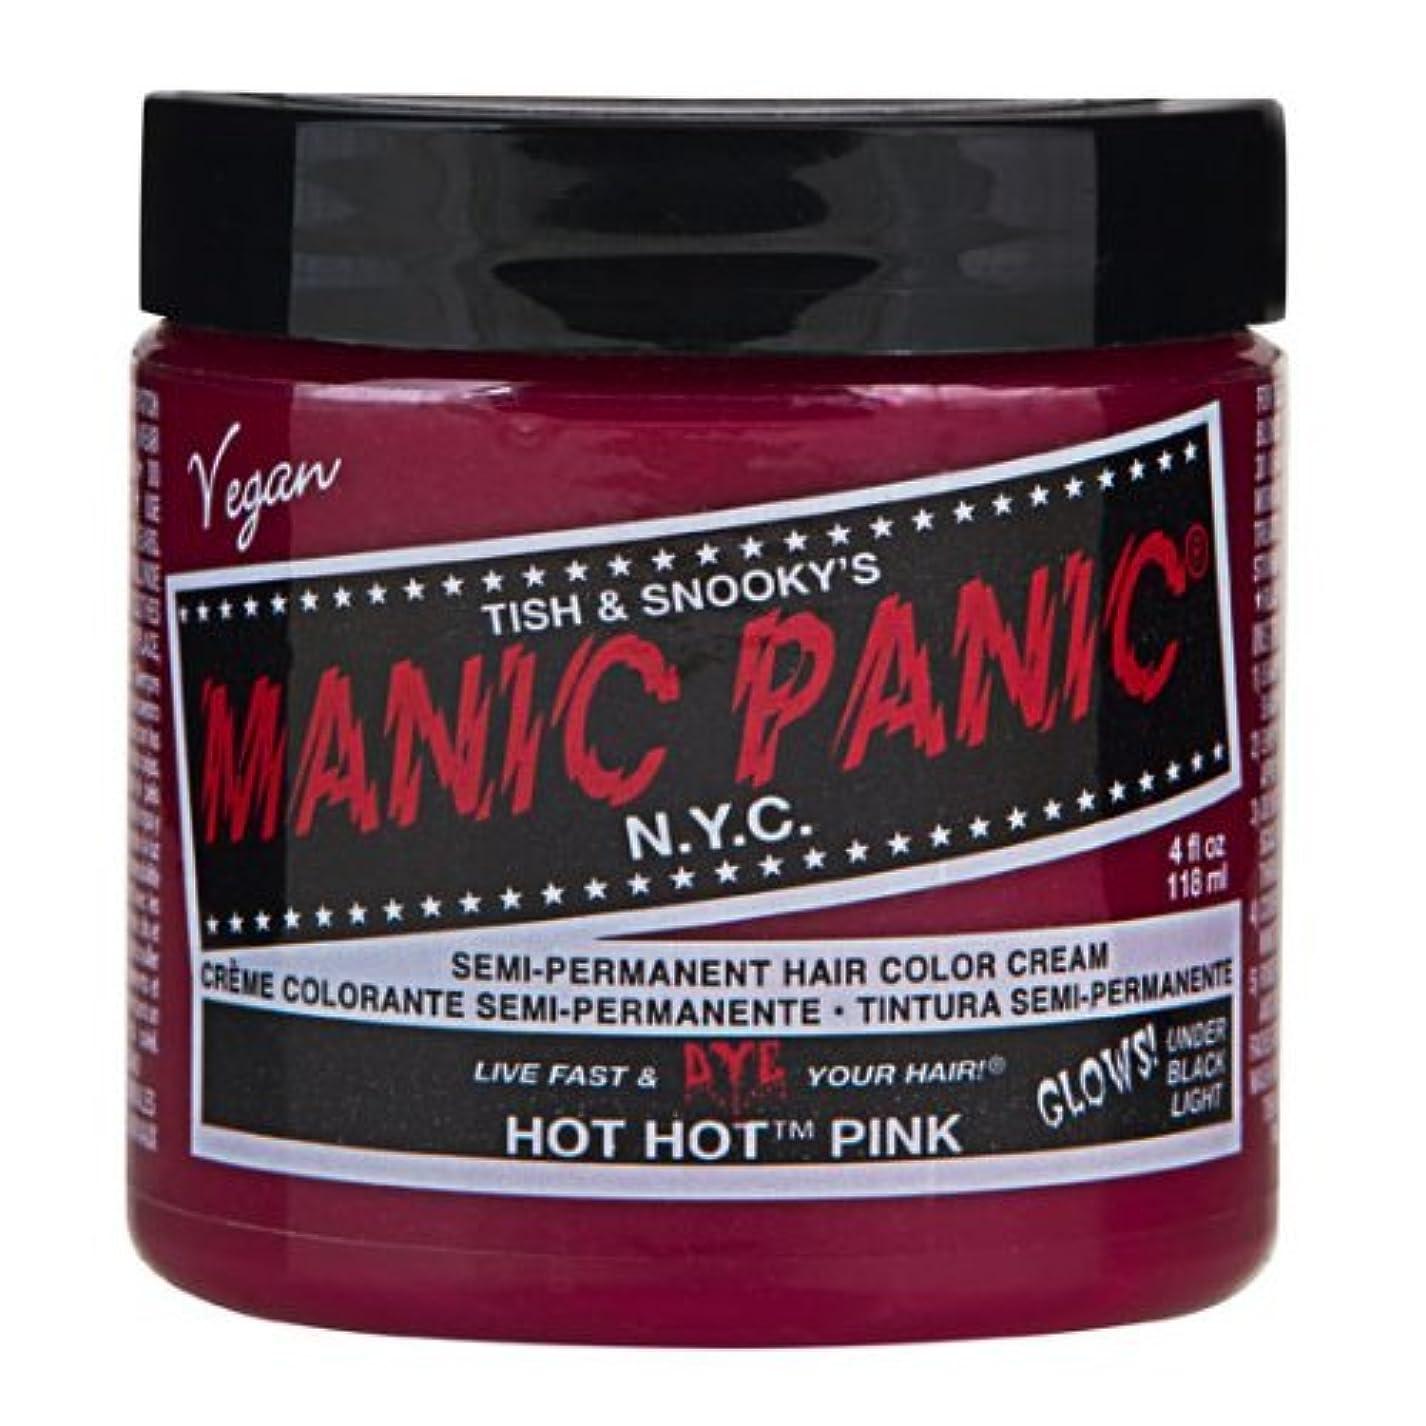 湖聴覚障害者そのようなマニックパニック MANIC PANIC ヘアカラー 118mlホットホットピンク ヘアーカラー